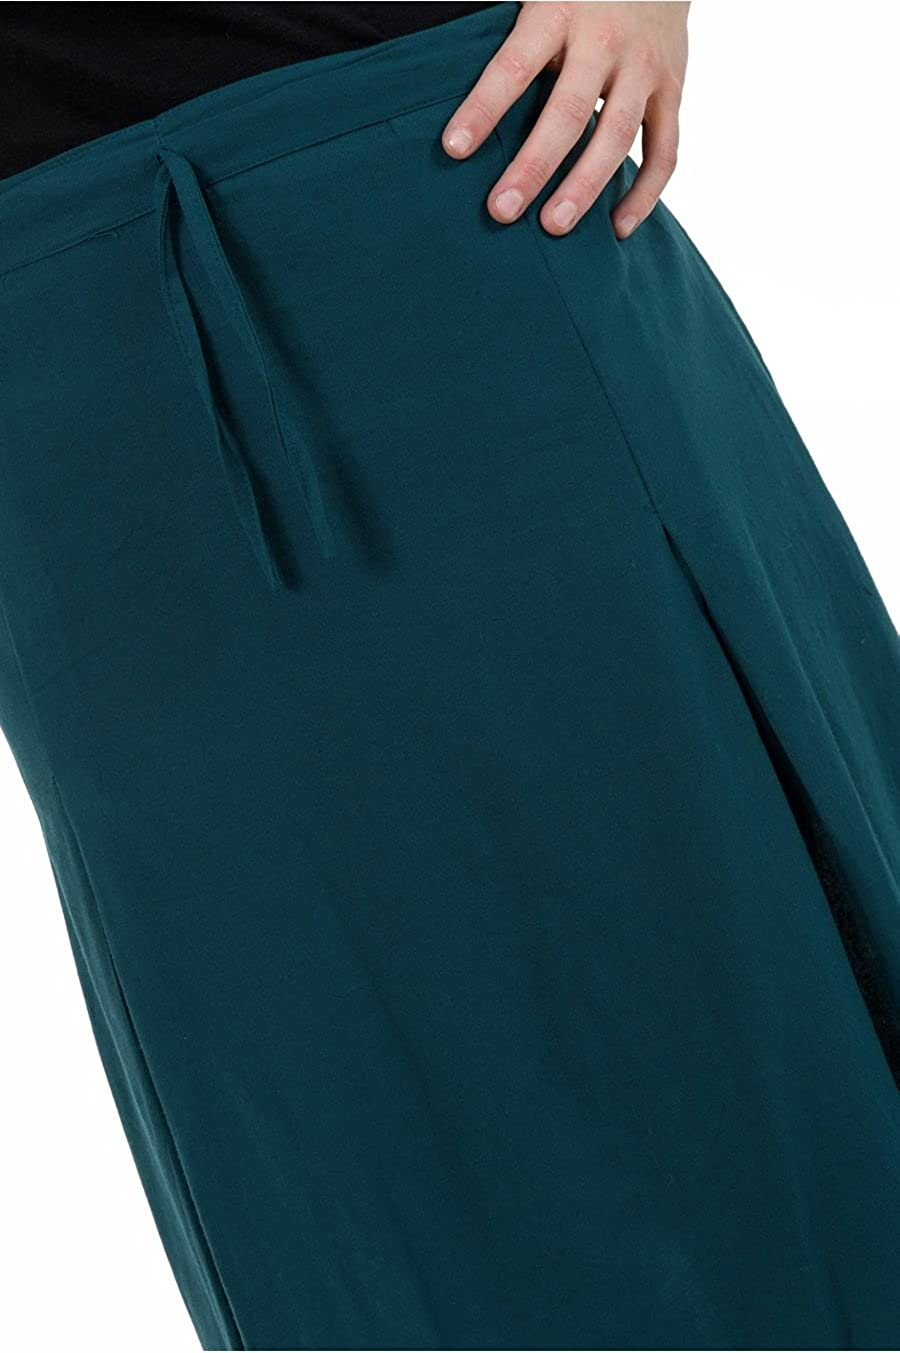 213202db8276 FANTAZIA Jupe Longue Basique Ethnique Bleu Petrol - Taille Unique  Amazon.fr   Vêtements et accessoires